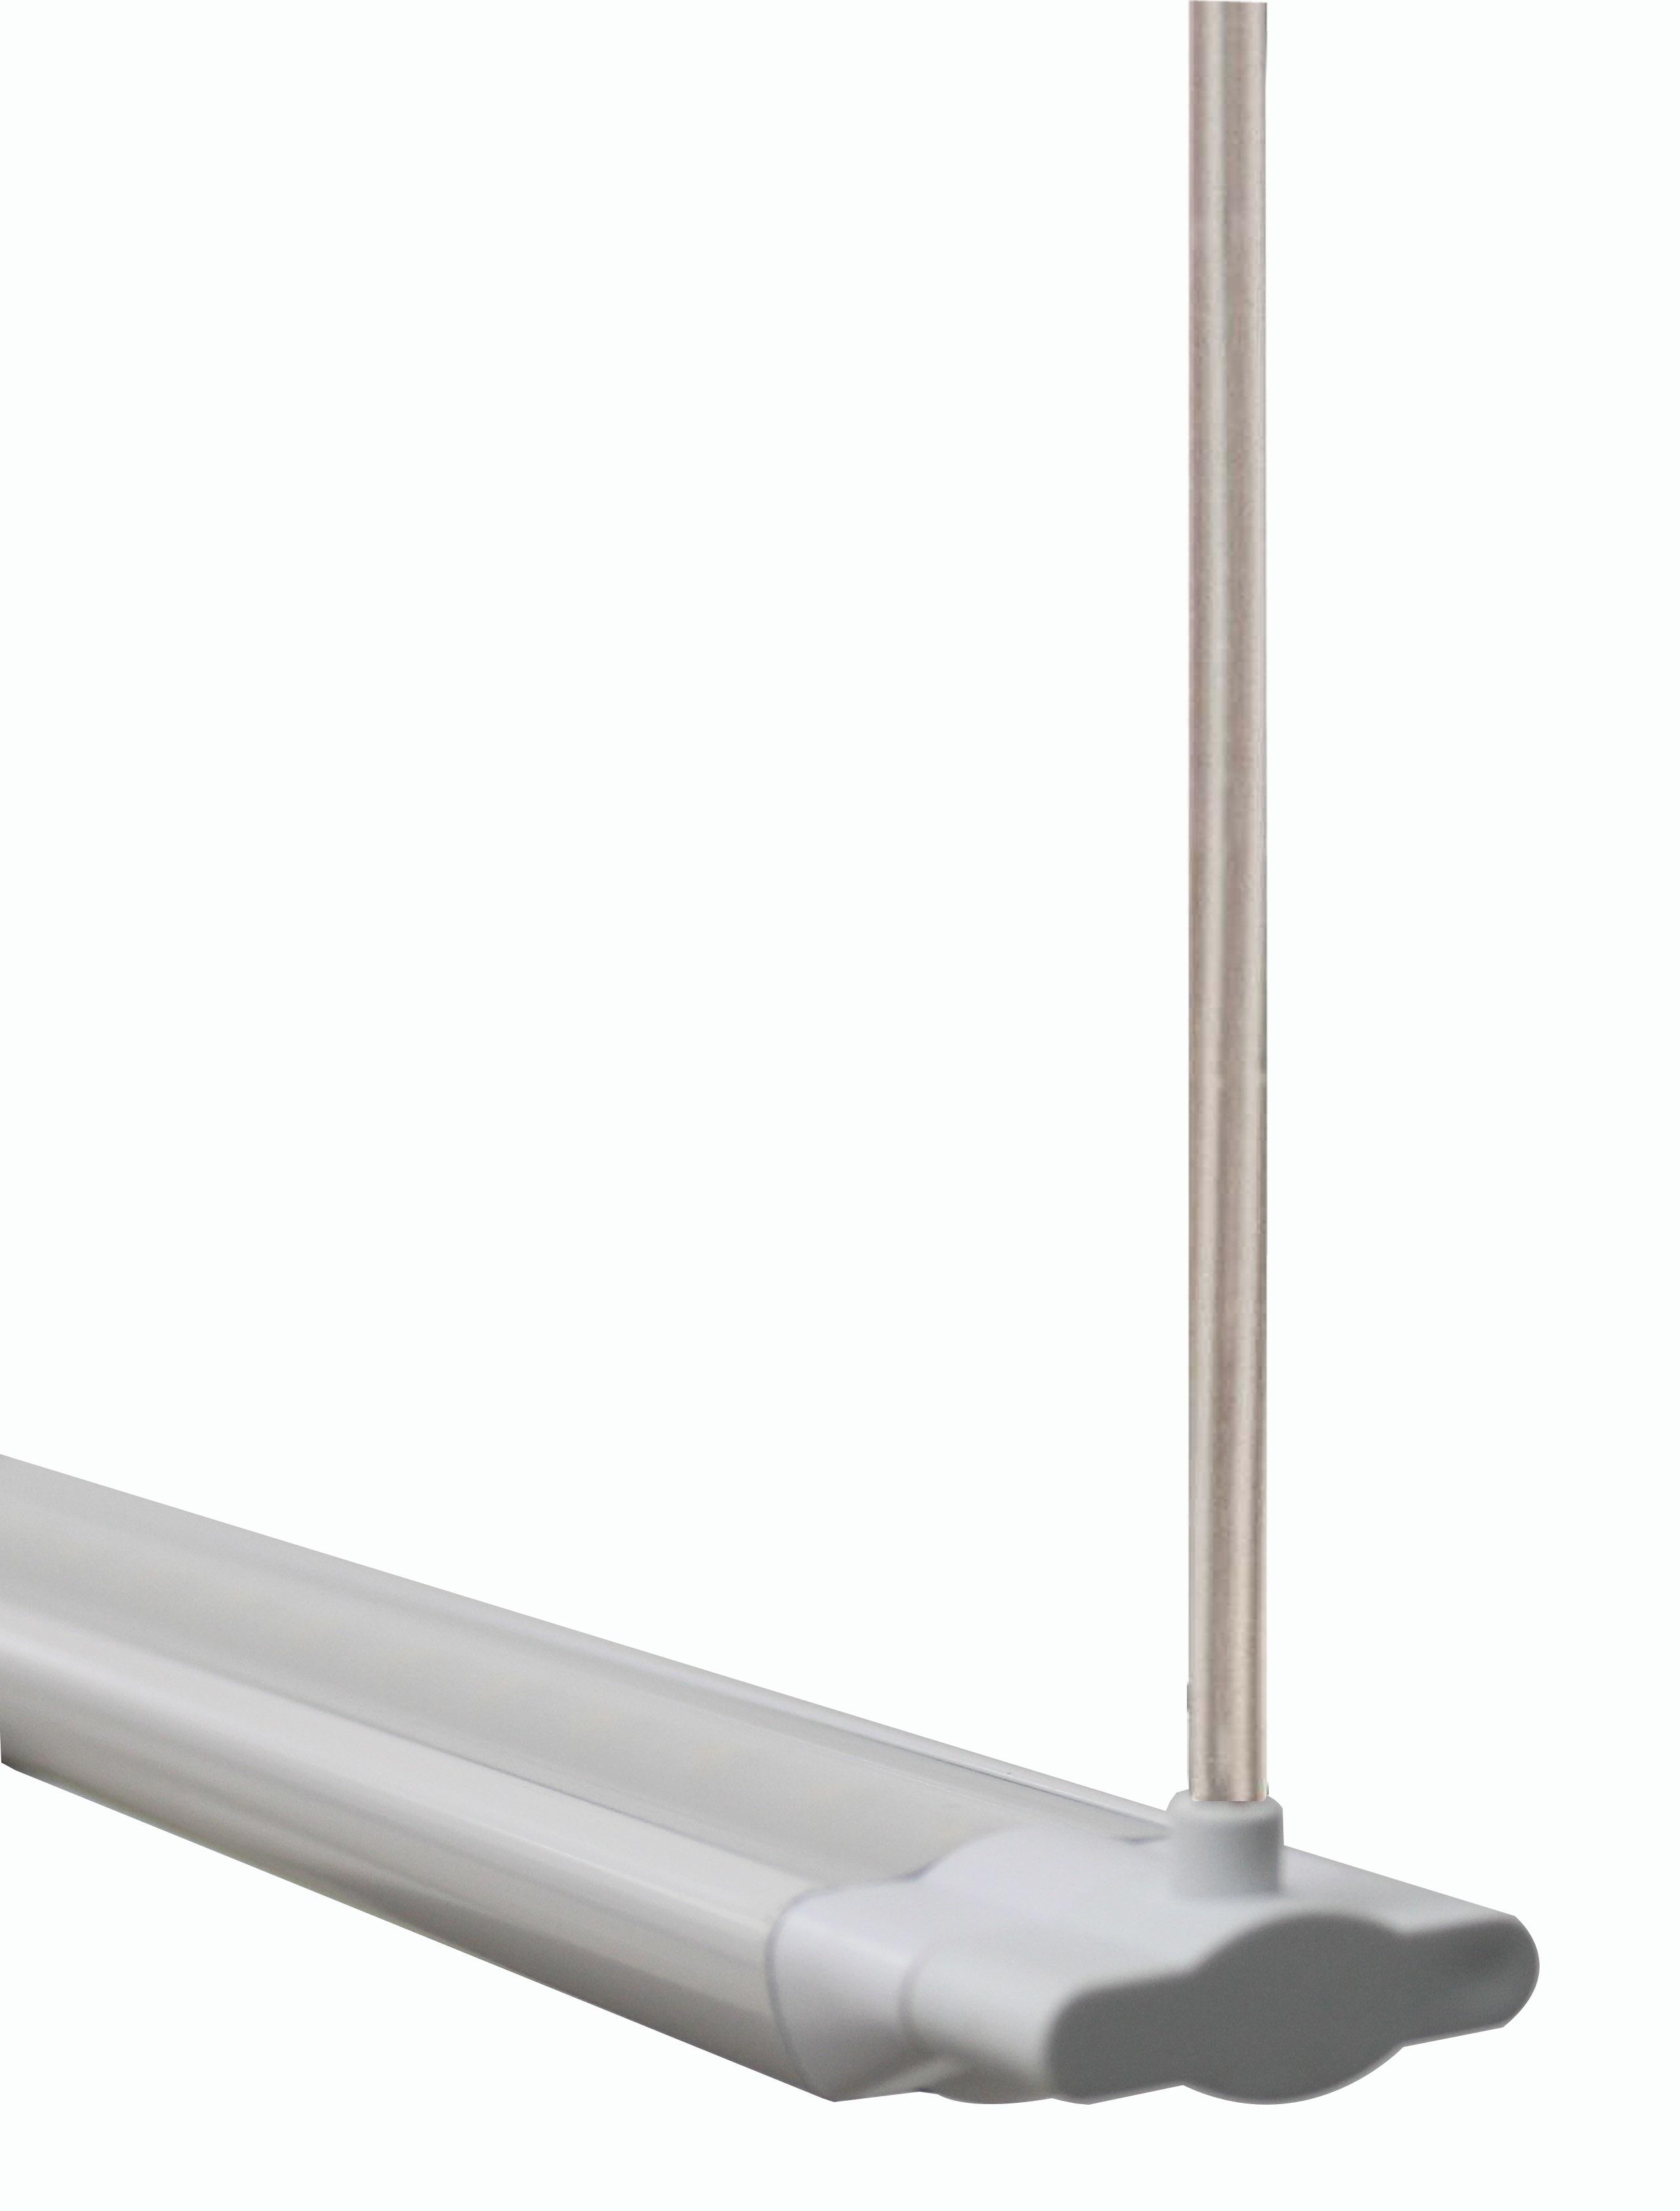 Slim LED Tube